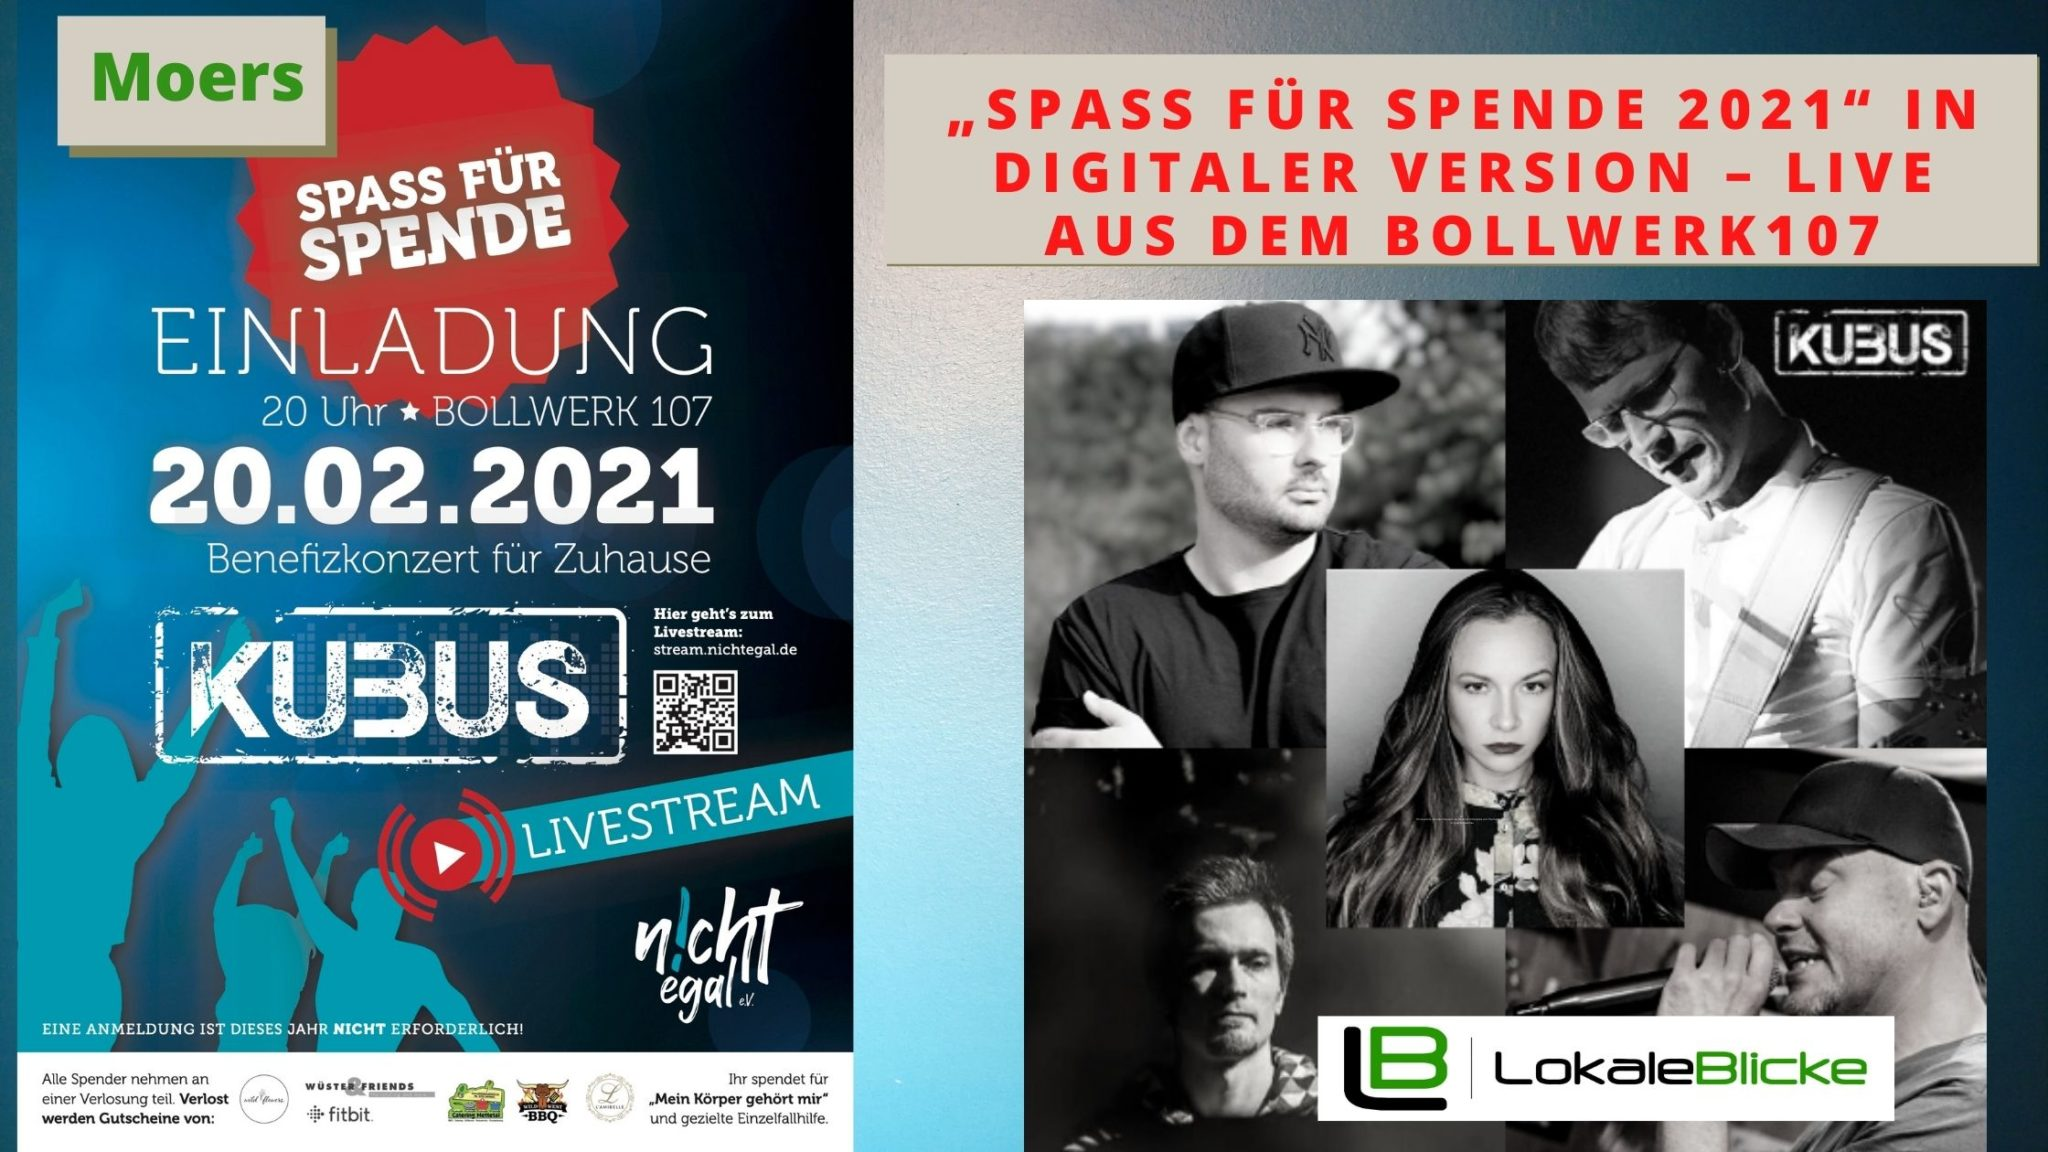 """""""Spass für Spende 2021"""" in digitaler Version – live aus dem Bollwerk107"""